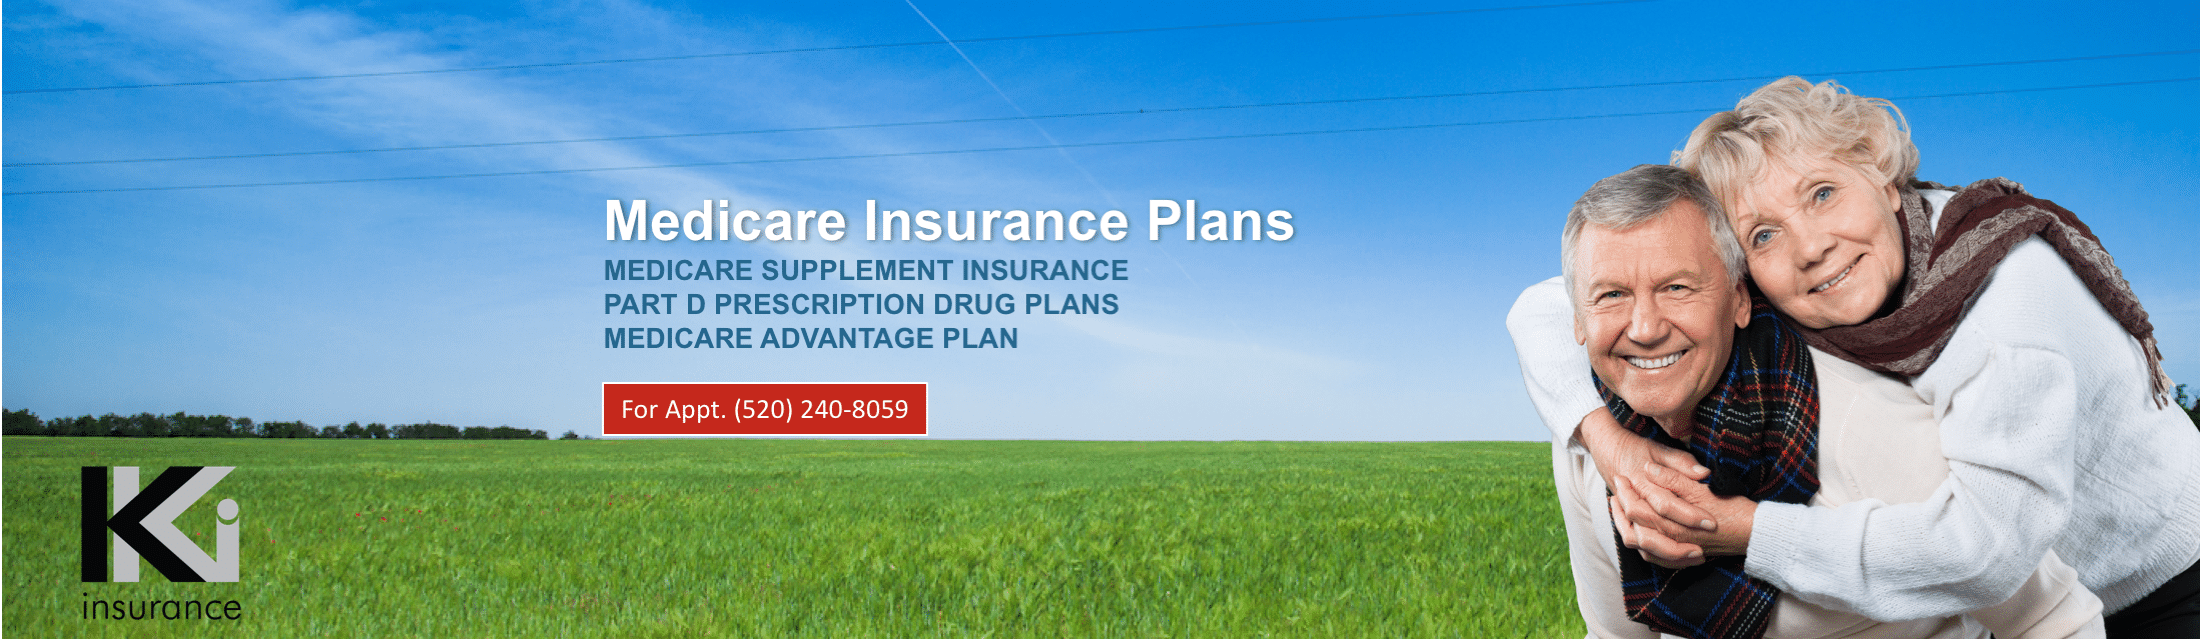 https://kimkraftinsurance.com/wp-content/uploads/2017/02/Medicare-for-elderly-Kim-Kraft-Insurance.png